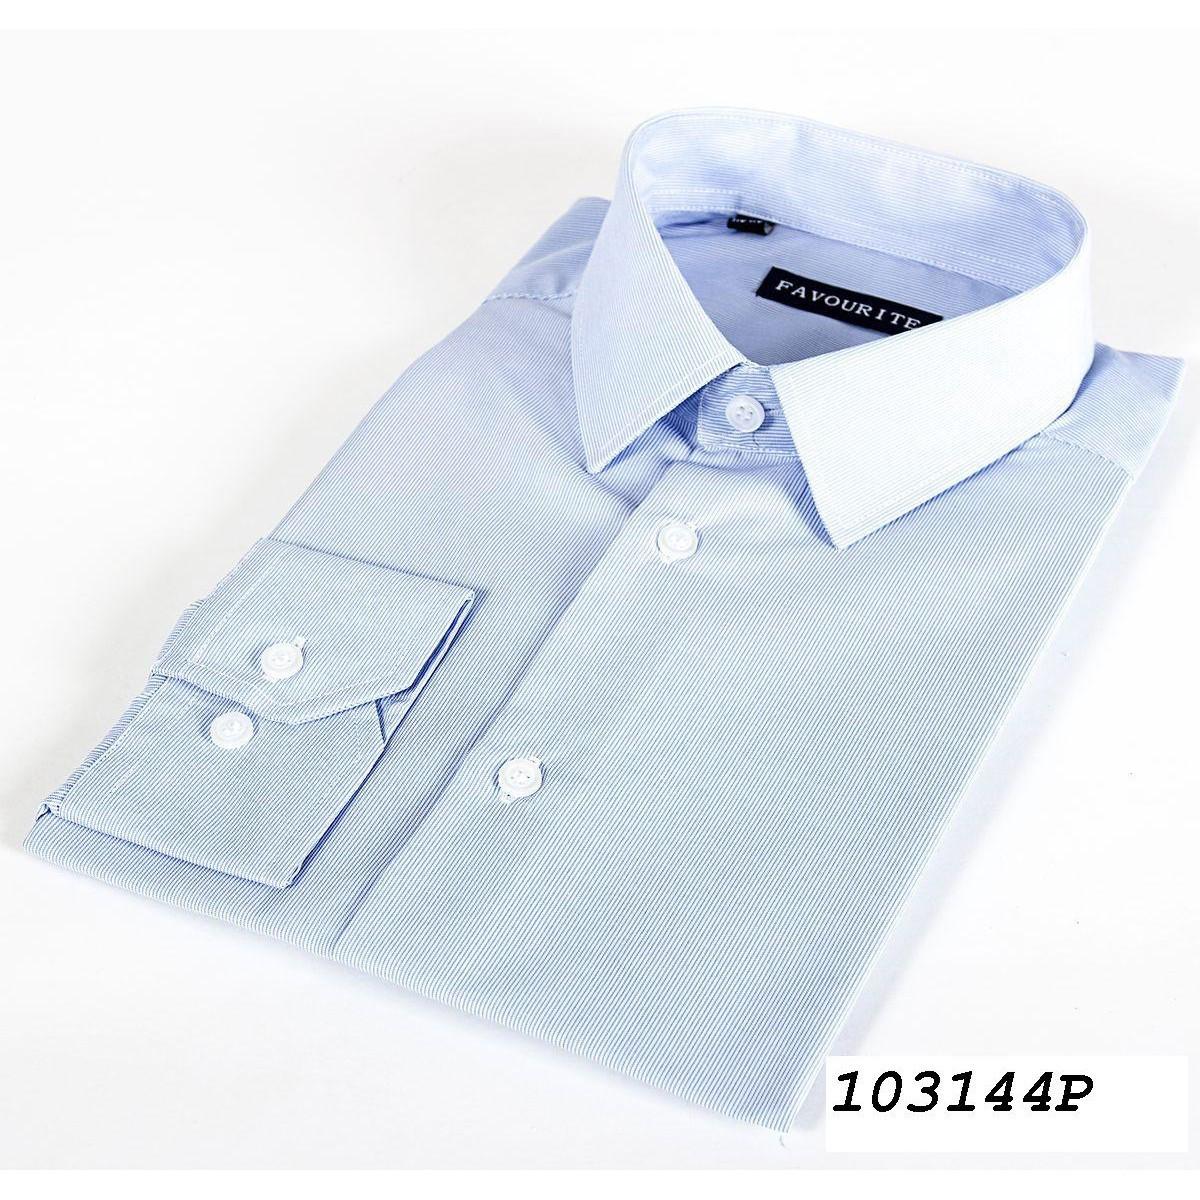 Сорочка подростковая, длинный рукав, голубой/полоска. Артикул: 103144p BS103144_p